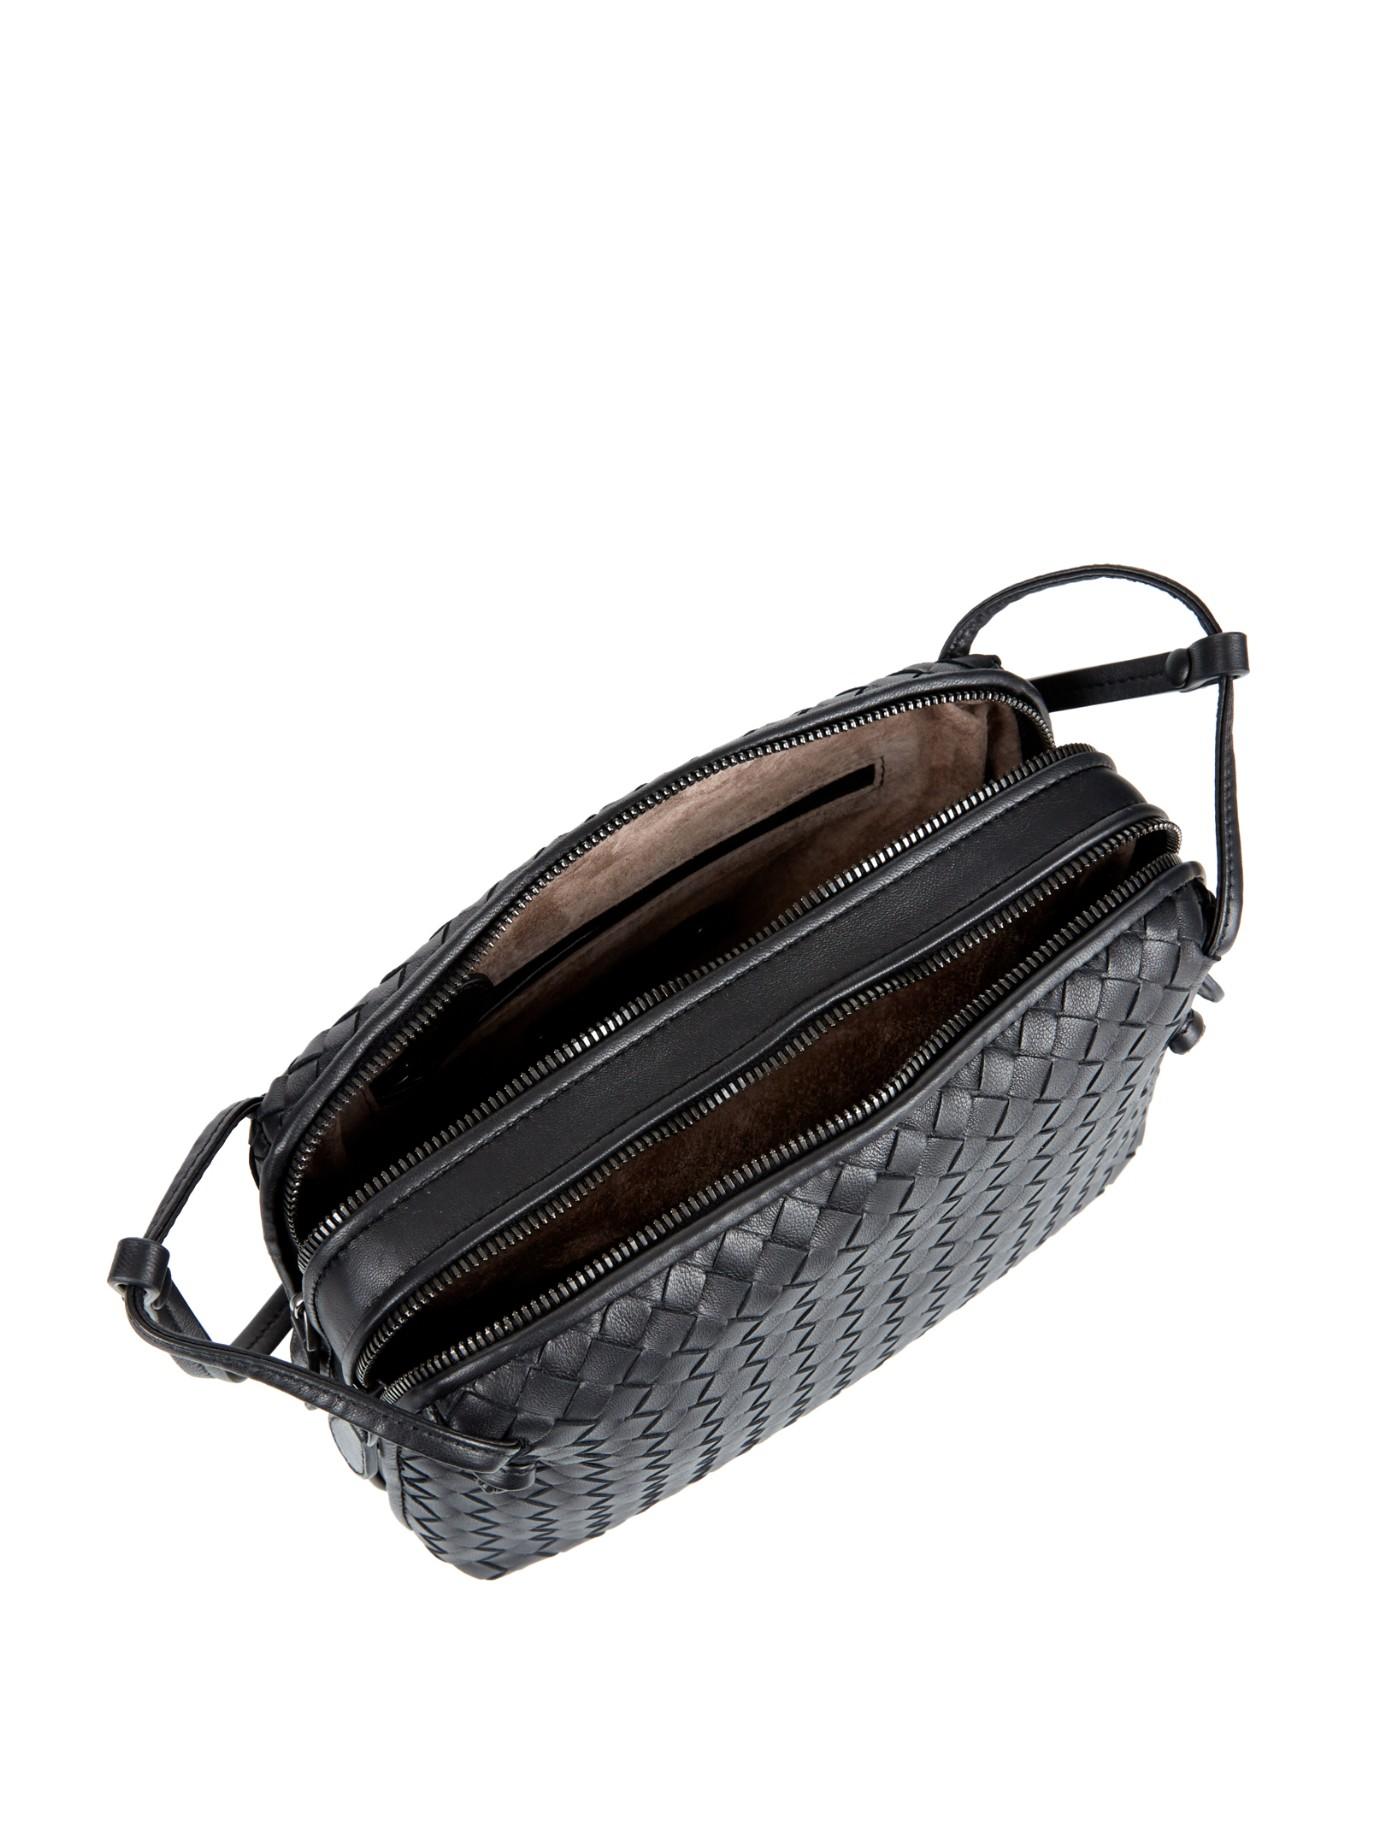 923e453aa0eb Lyst - Bottega Veneta Intrecciato Leather Two-compartment Cross-body Bag in  Black